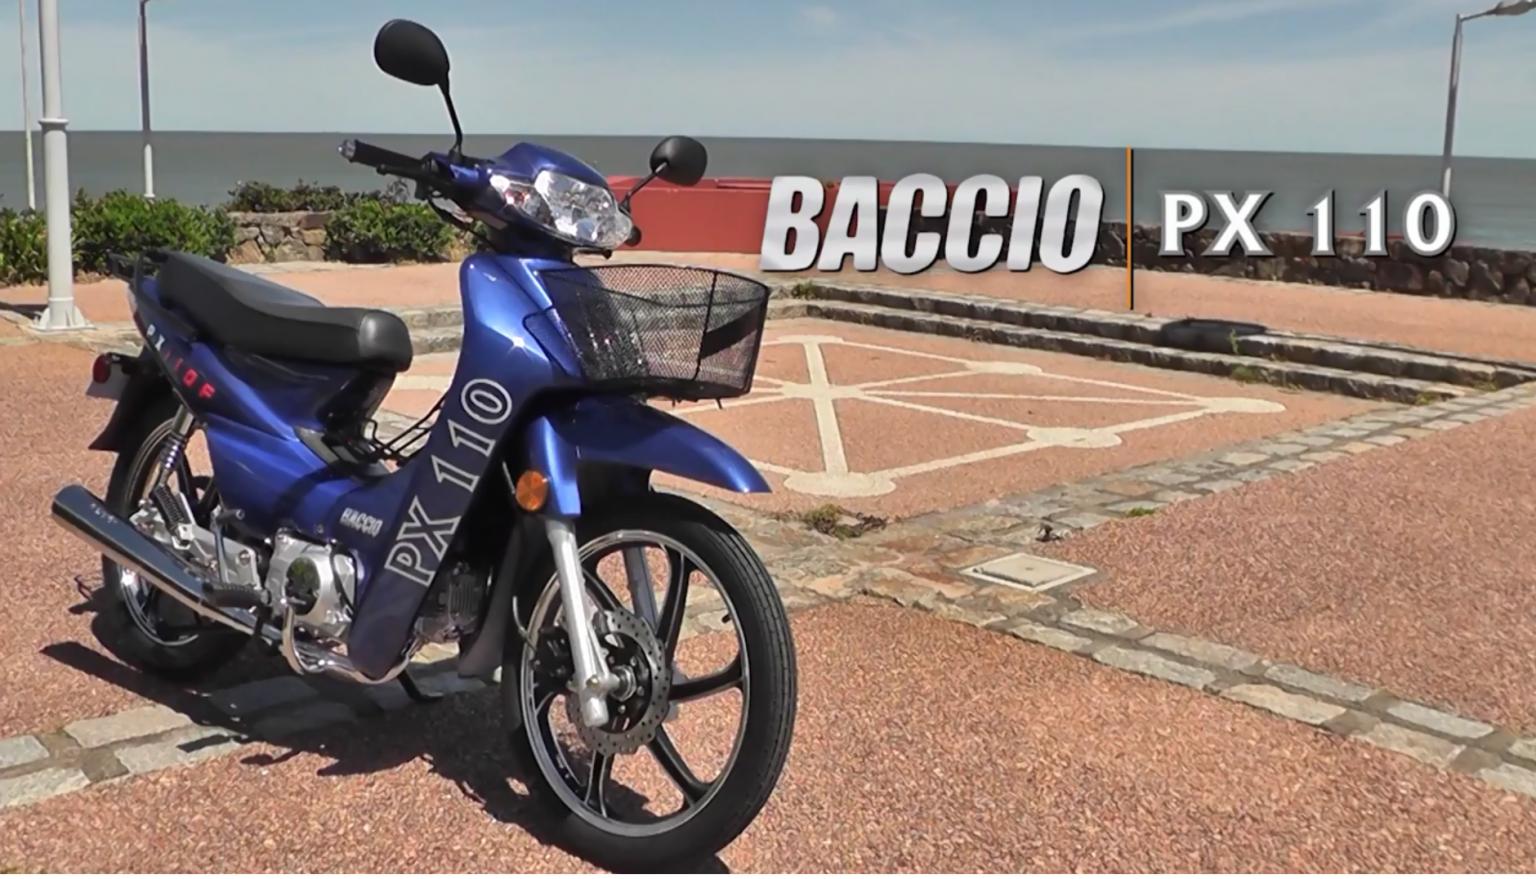 Baccio PX 110 F RAYOS - Delcar